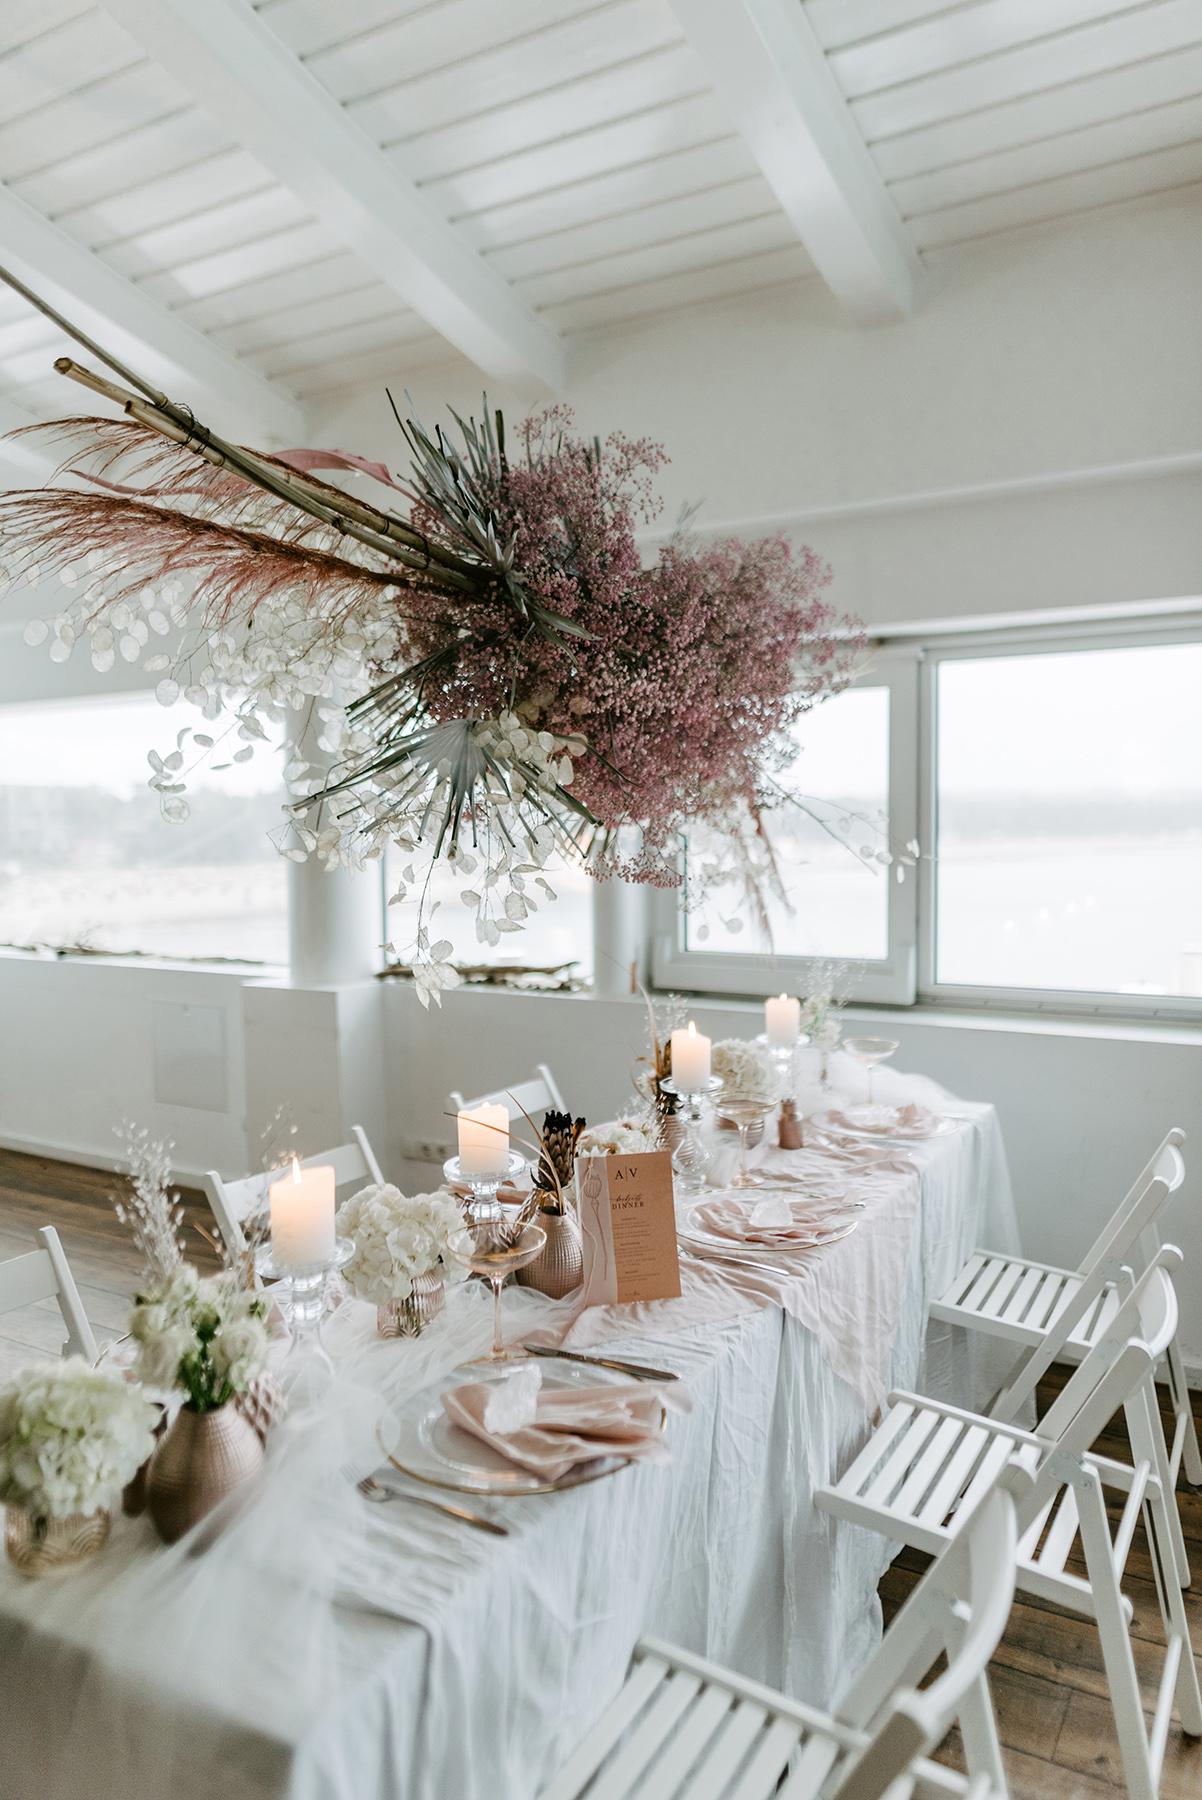 Hochzeit Tischdekoration Hanging garden, Blumenwolke als Tischdeko mit rosa Schleierkraut